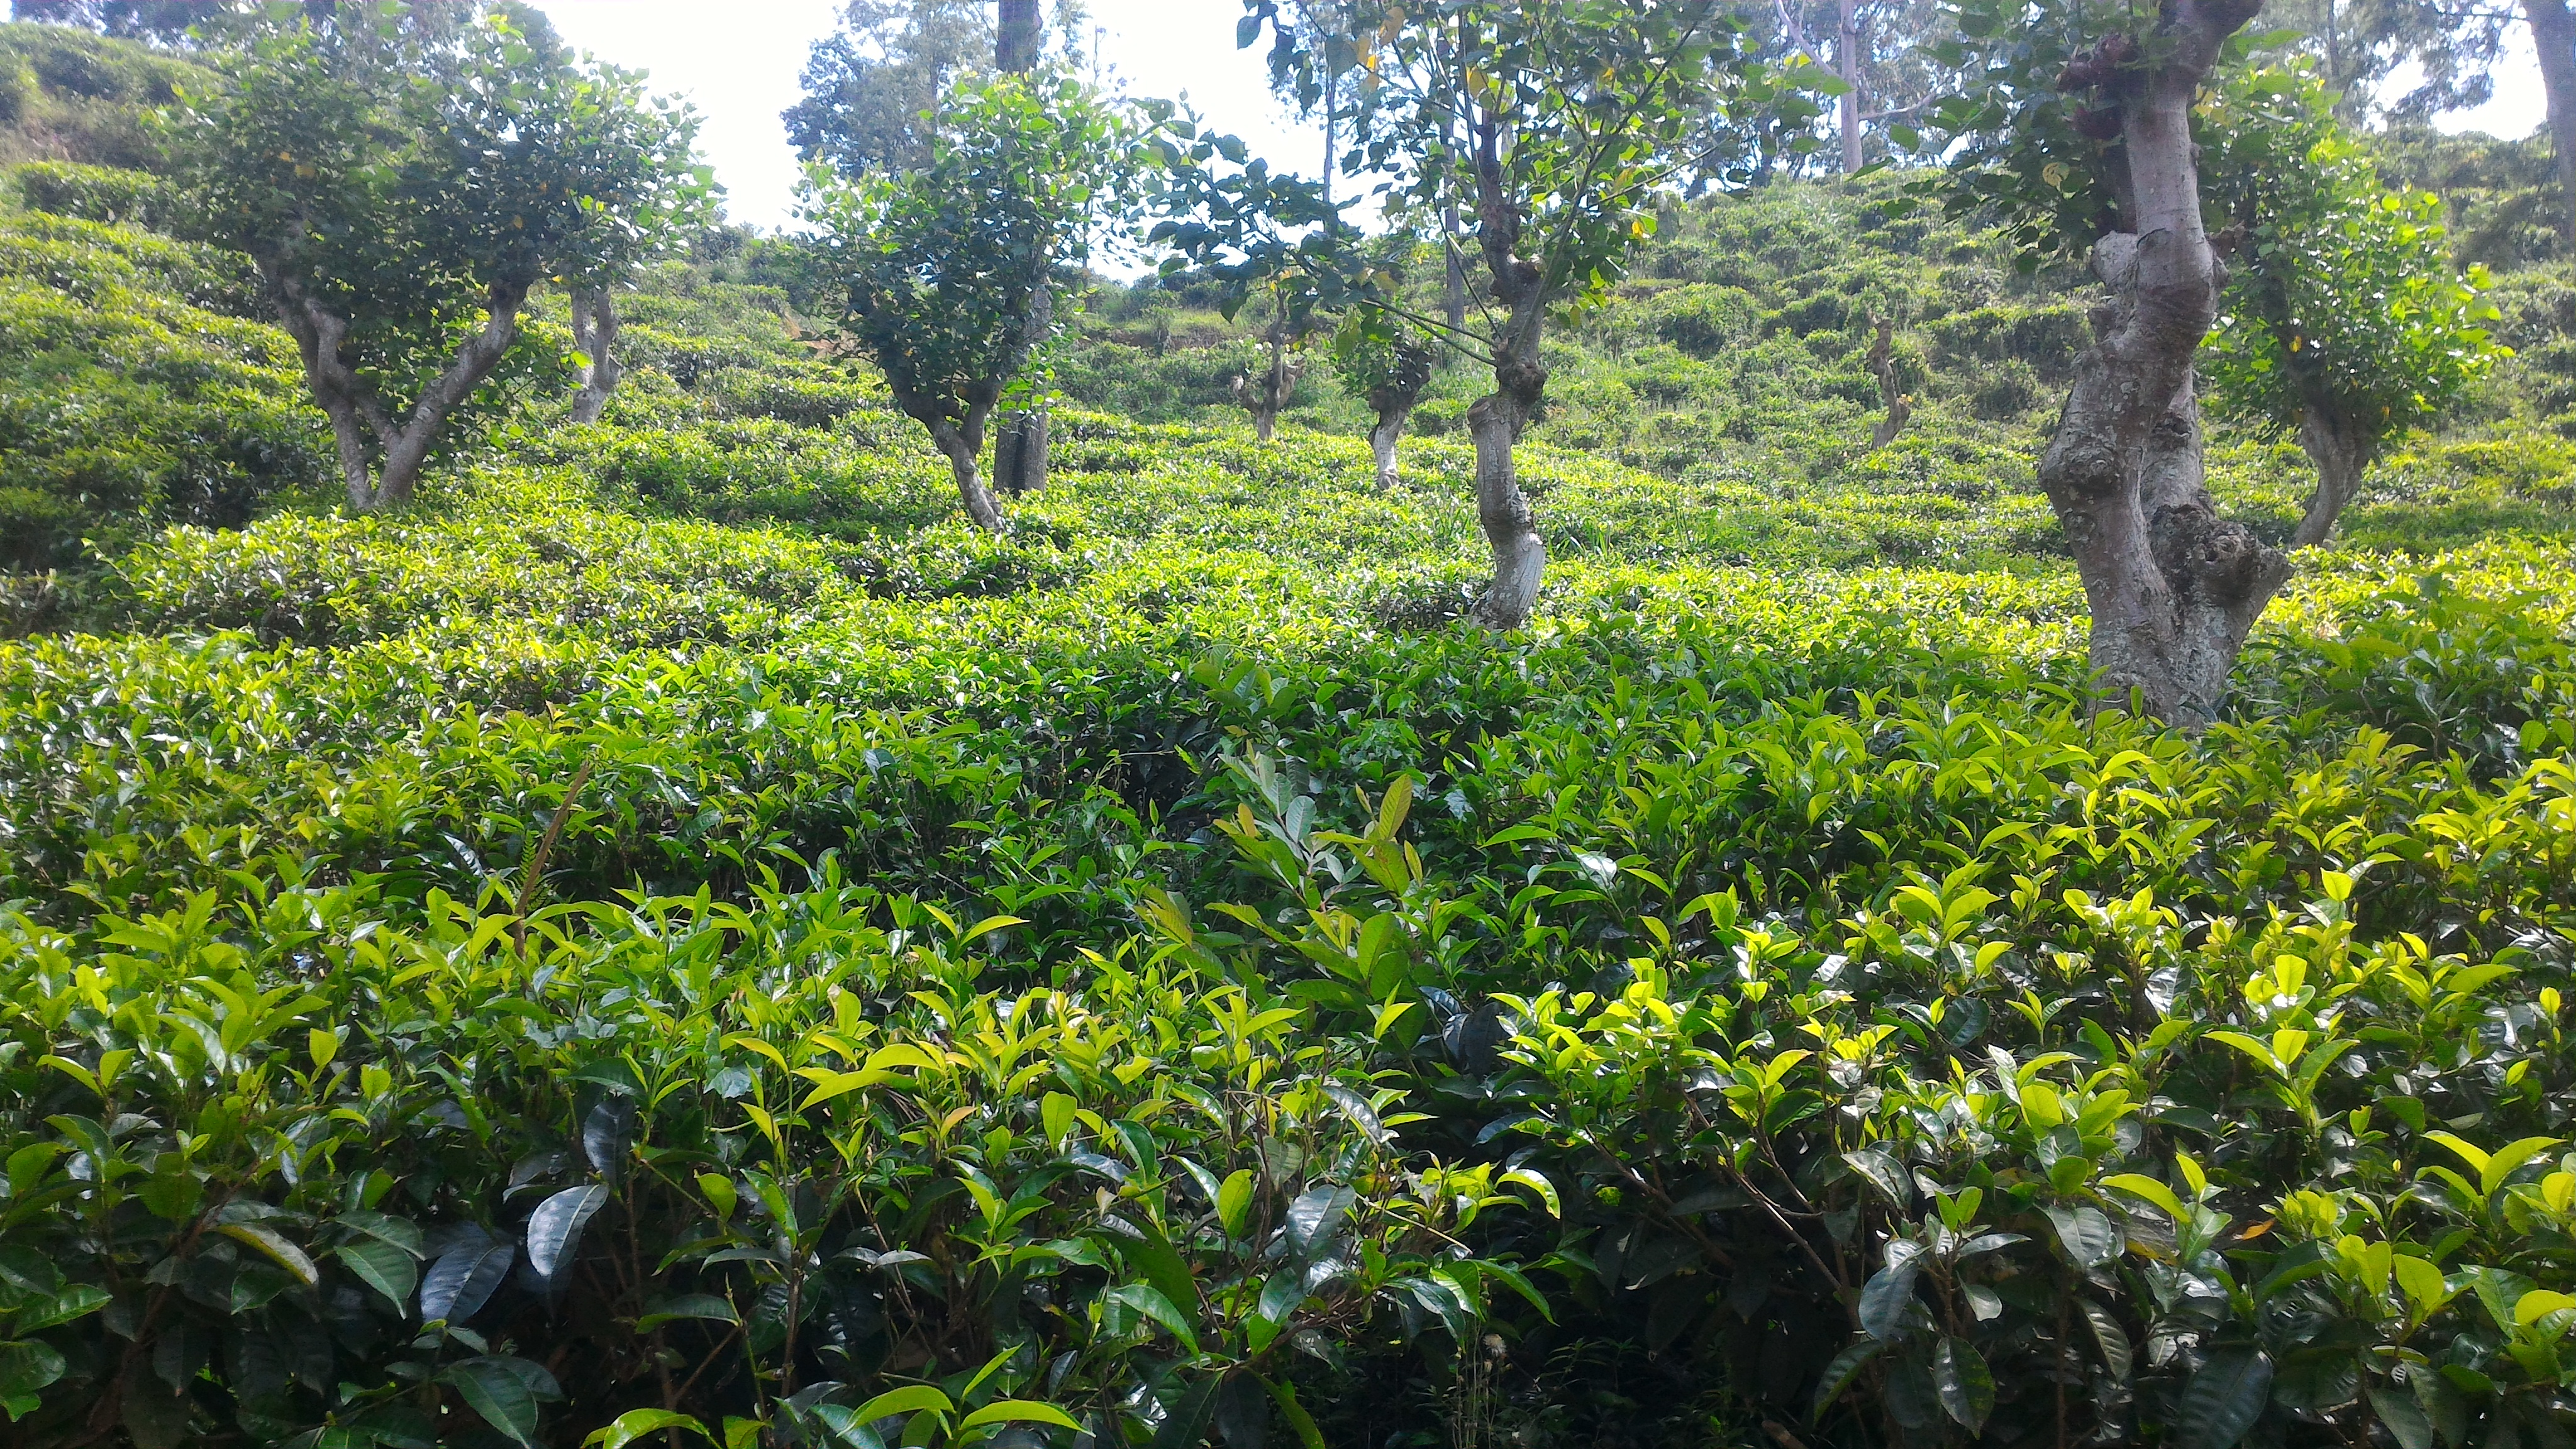 выращивается чай на Шри-Ланке